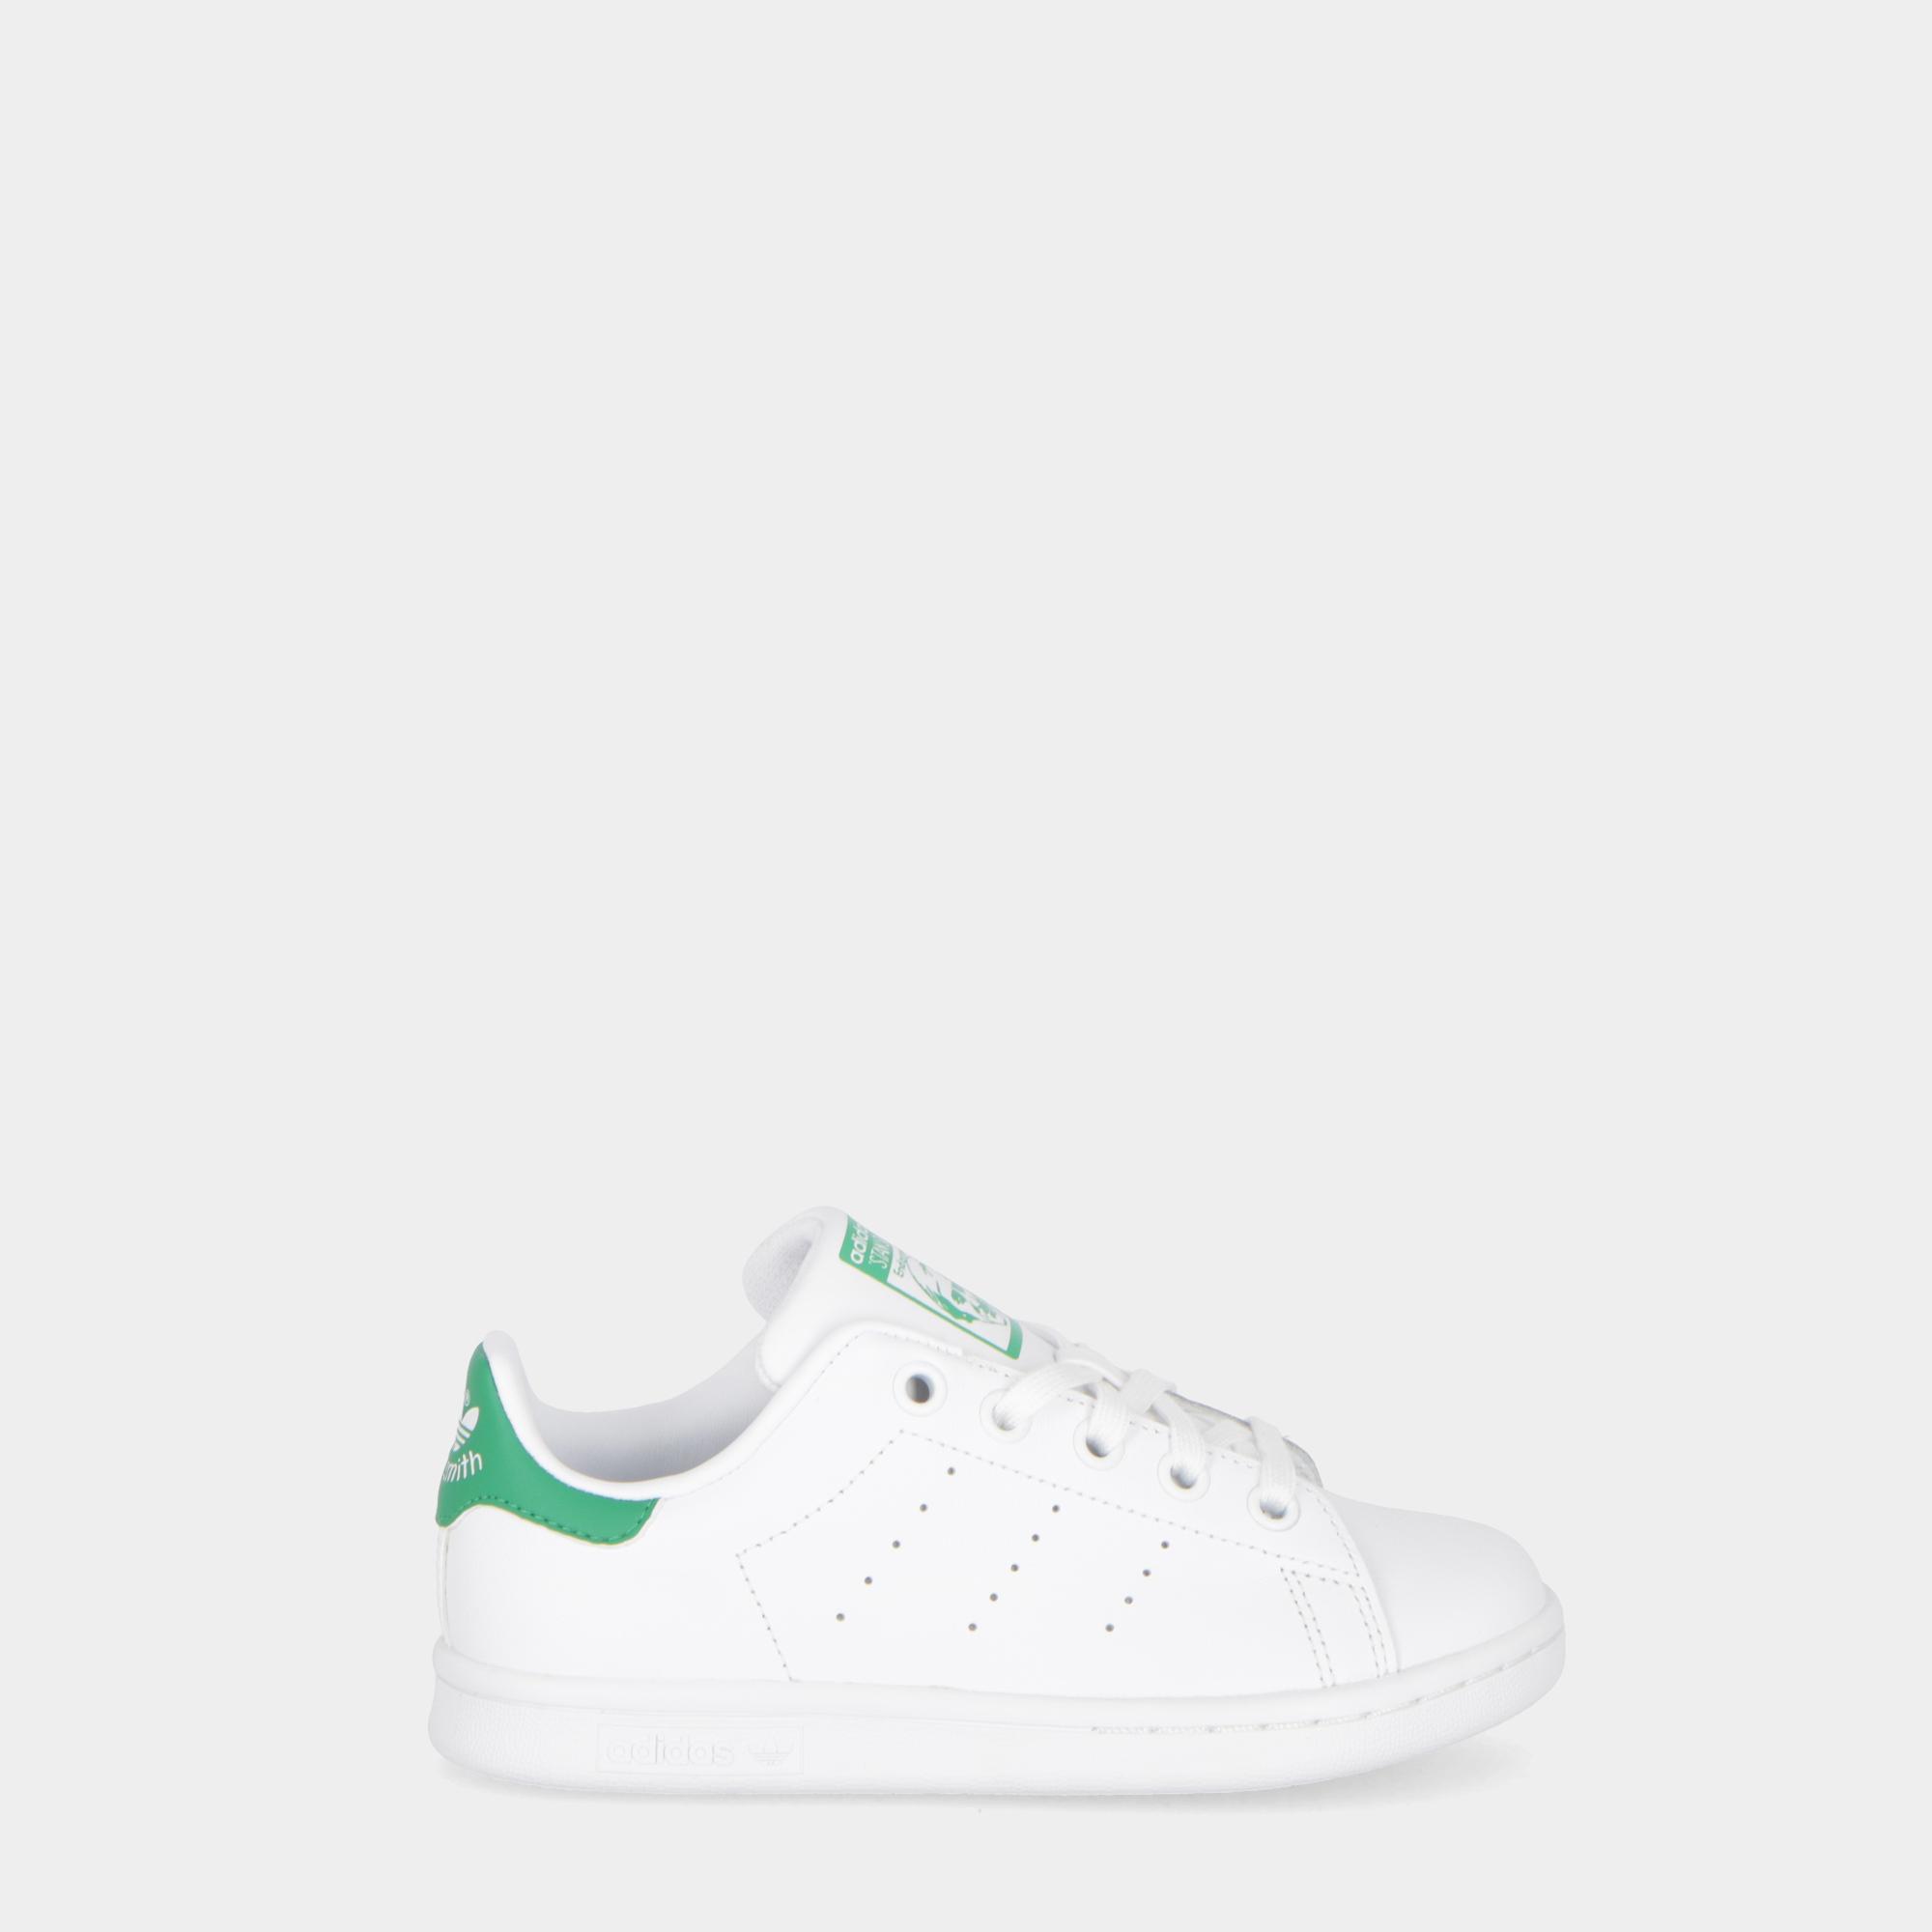 low priced 2e68f 2666d Adidas Stan Smith - Kids White white green